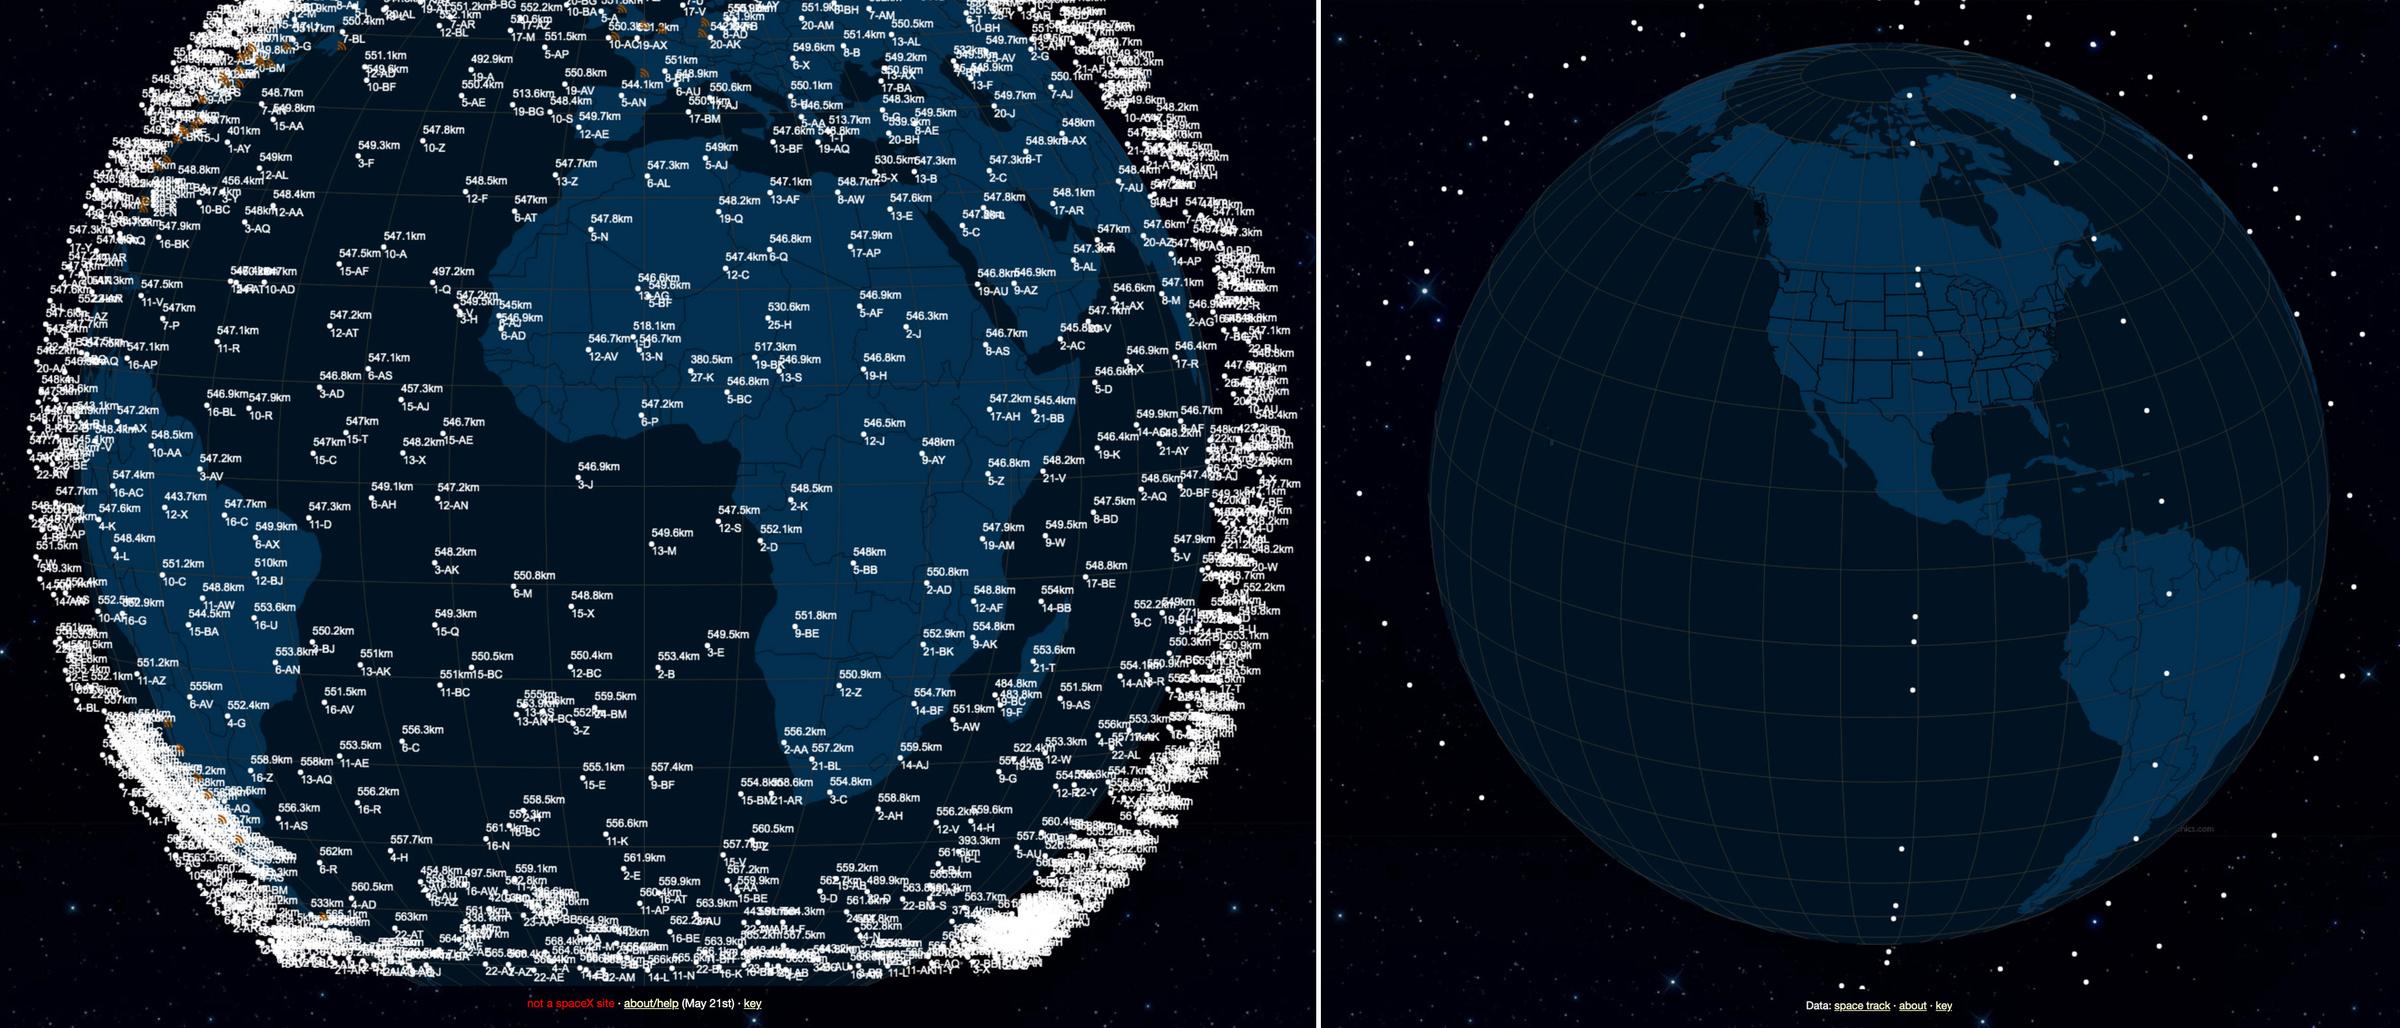 Спутники SpaceX и OneWeb на орбите Земли. Фото © satellitemap.space